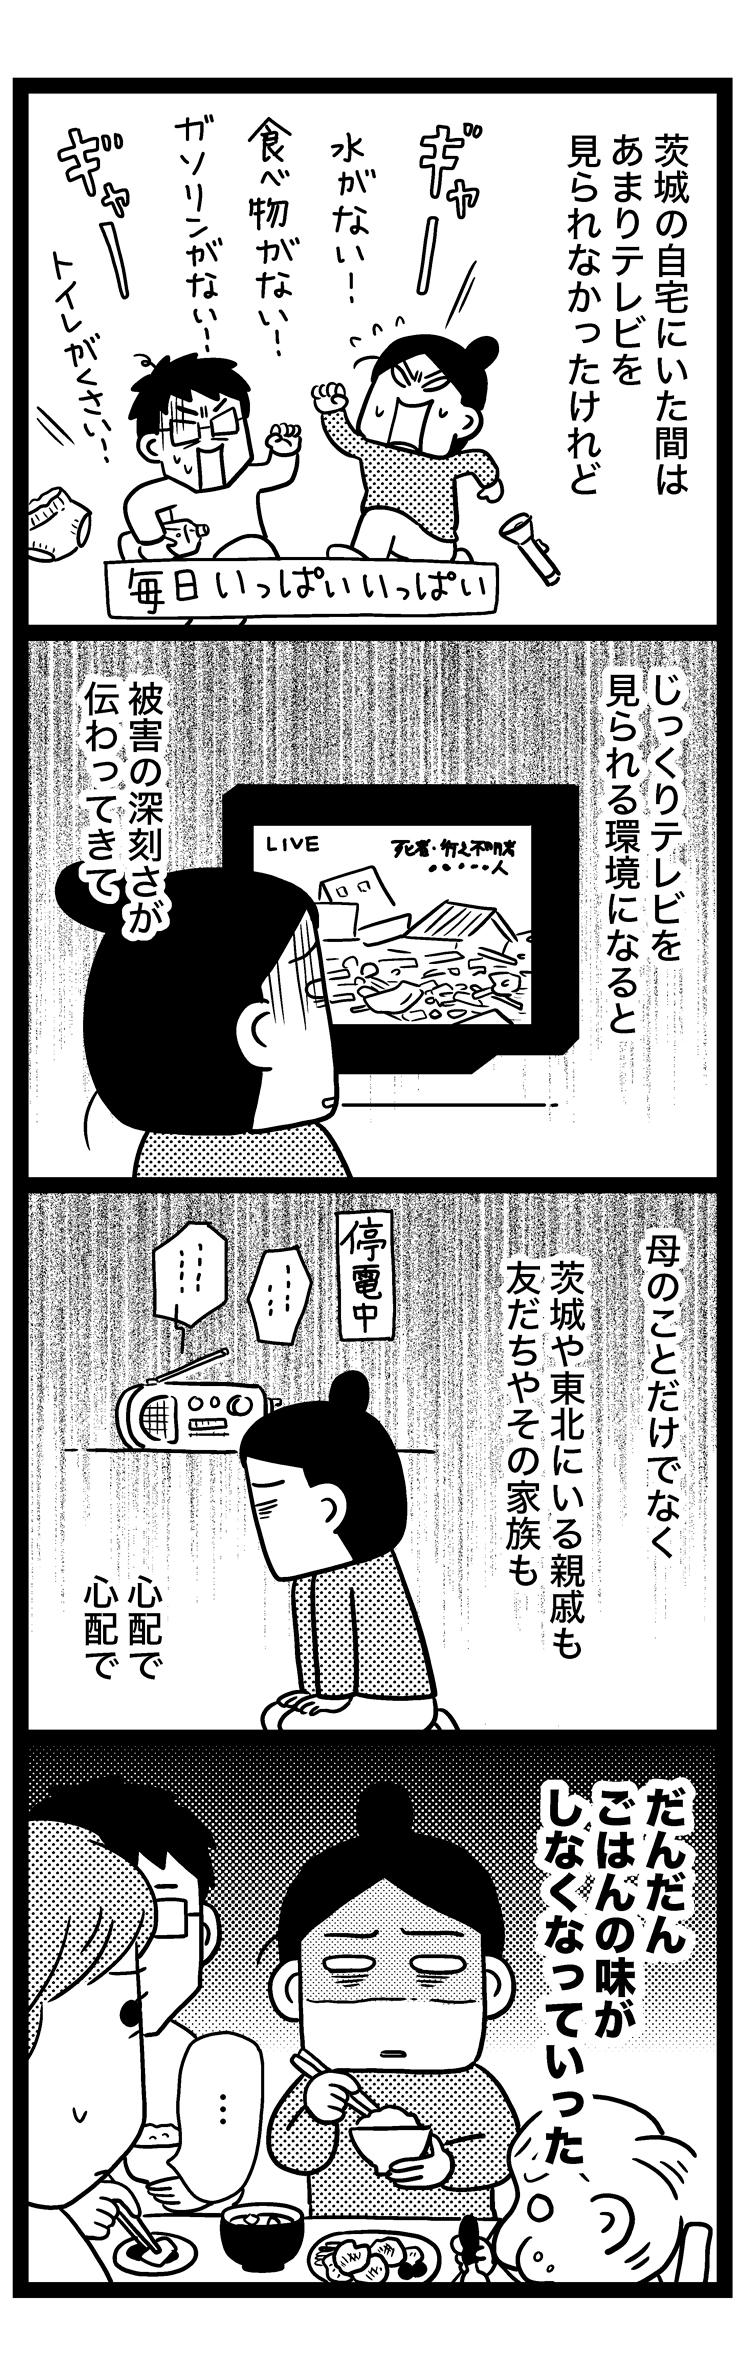 sinsai6_7